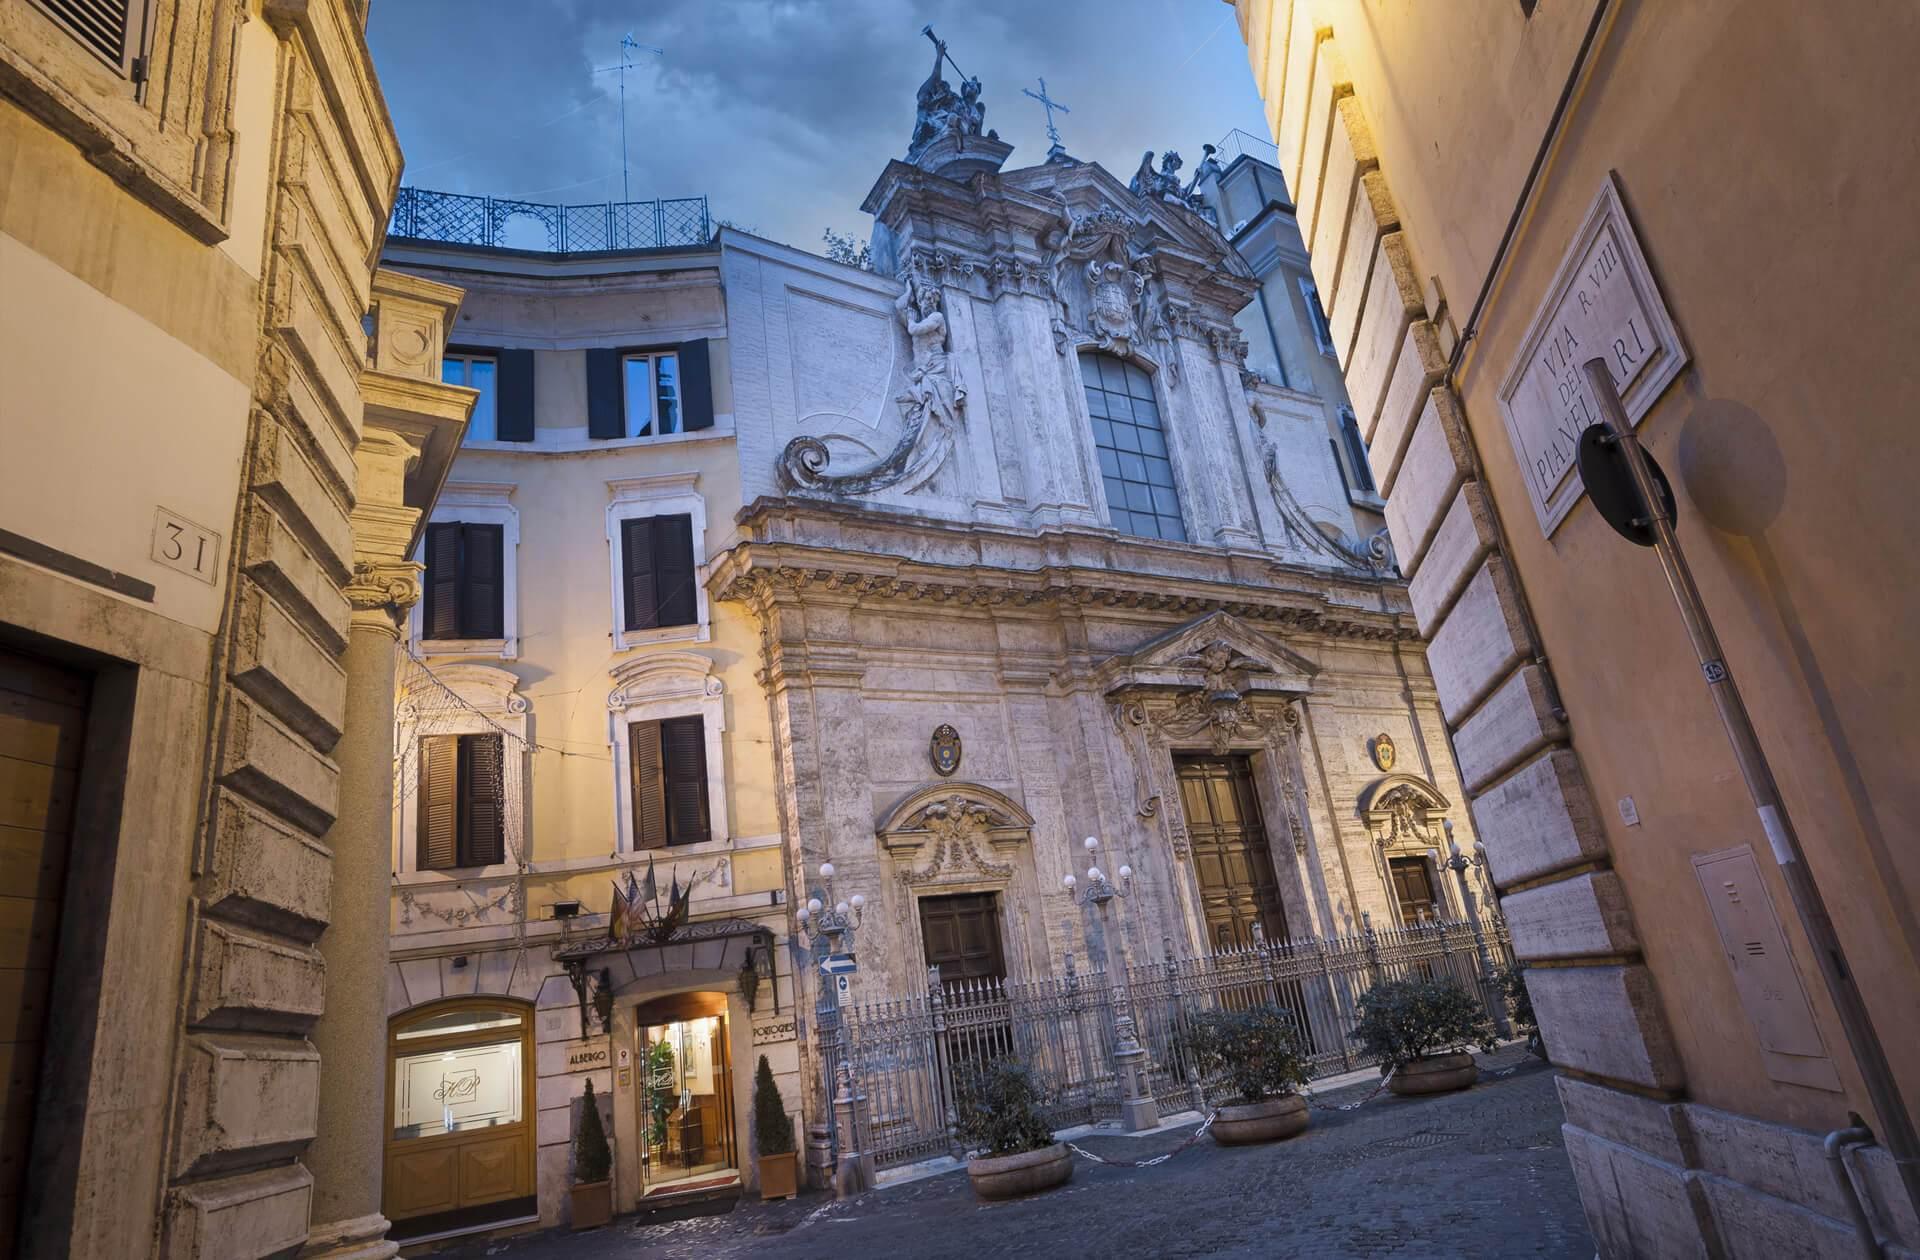 Hotel portoghesi roma sito ufficiale hotel a roma centro for Hotel roma centro